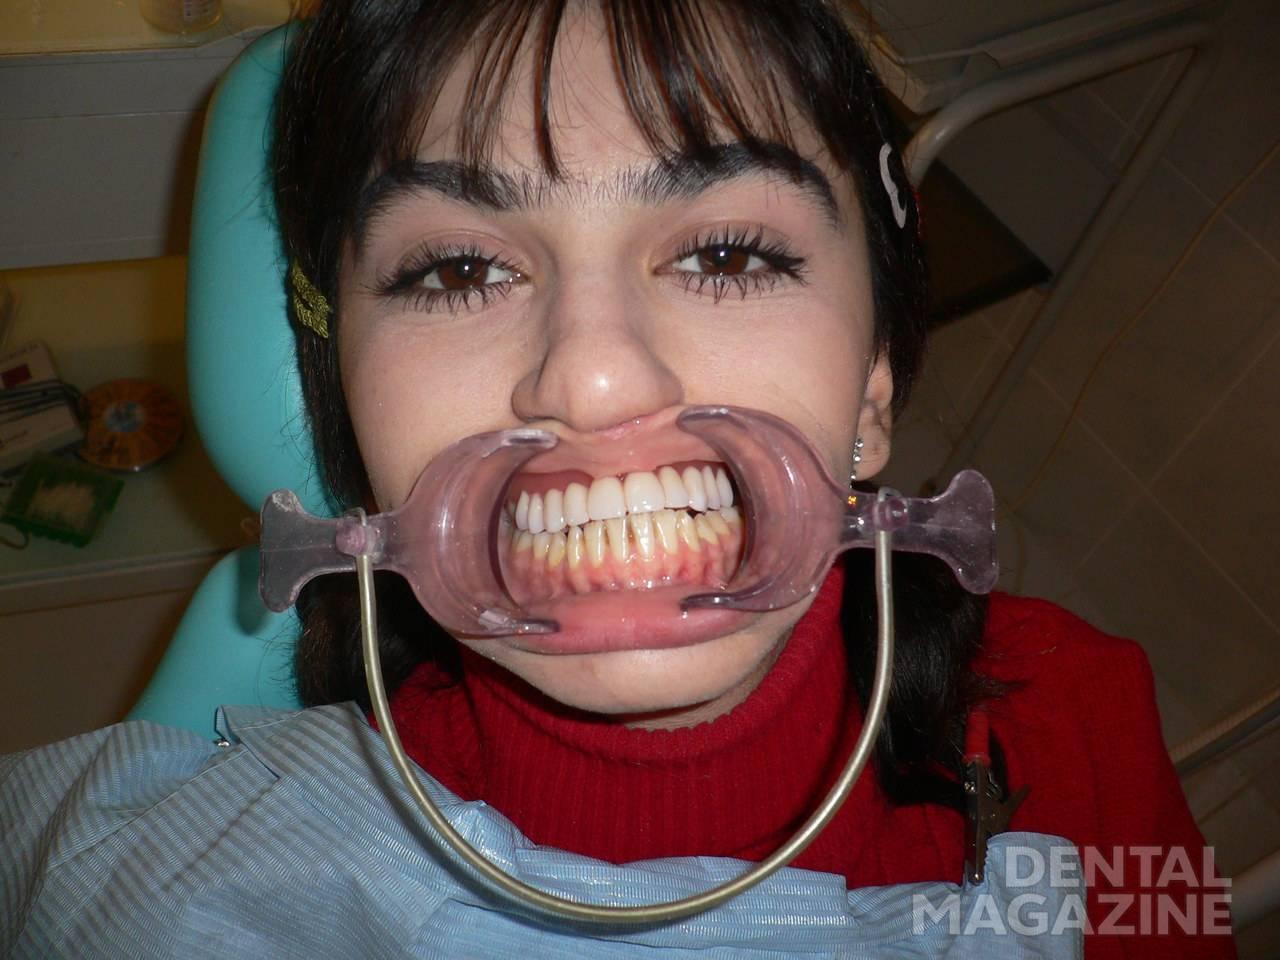 Рис. 4. Косметический нейлоновый протез в полости рта пациентки.